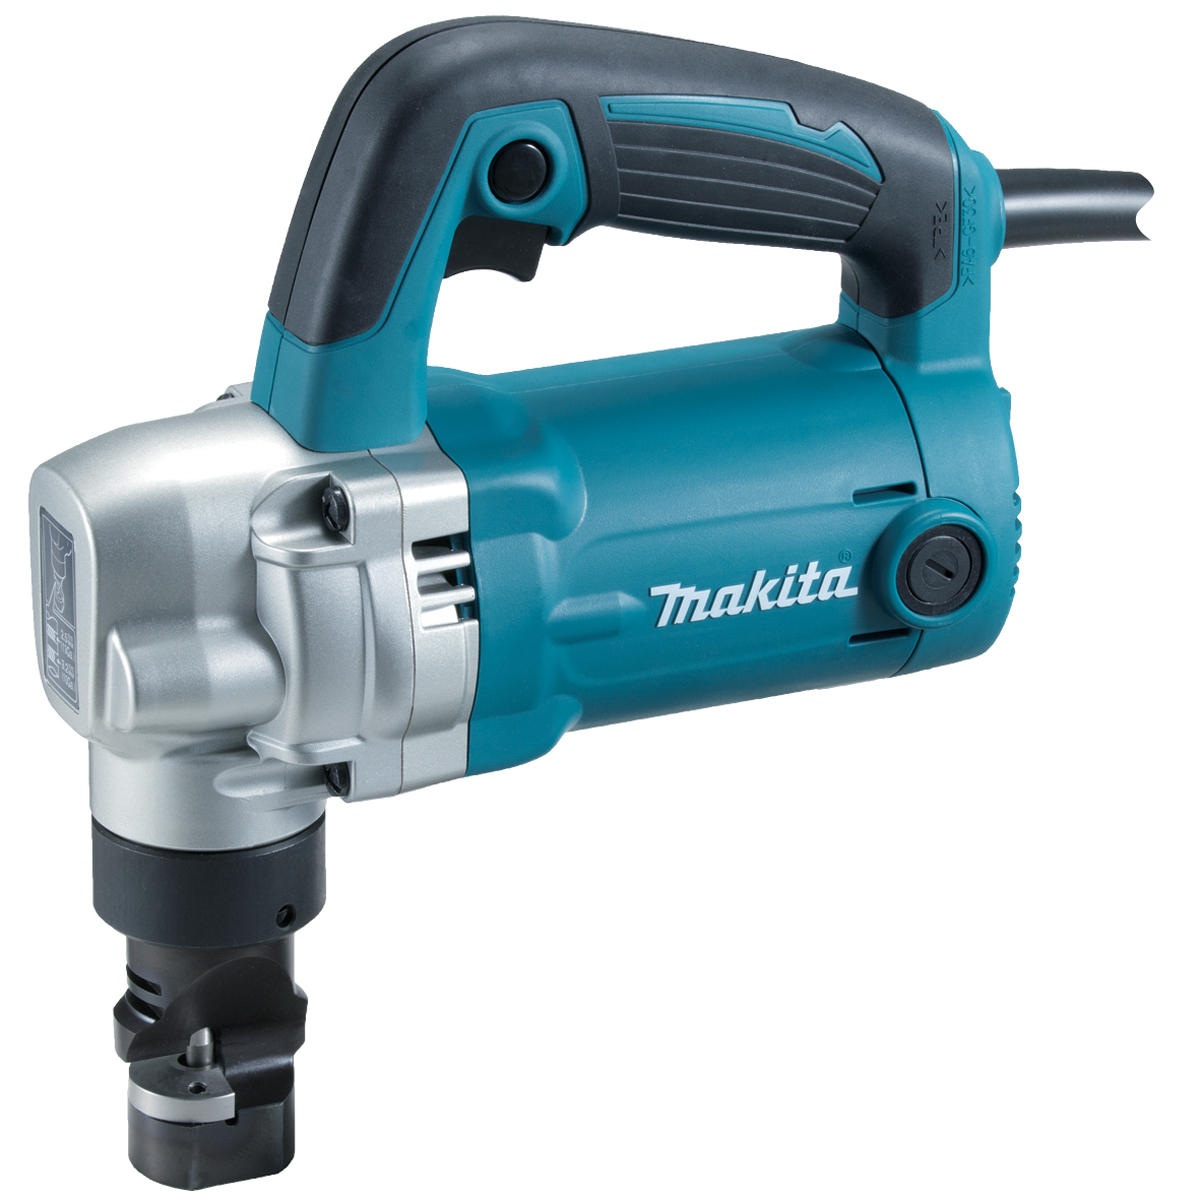 Prostřihovač Makita JN3201J 3,2mm, 710W